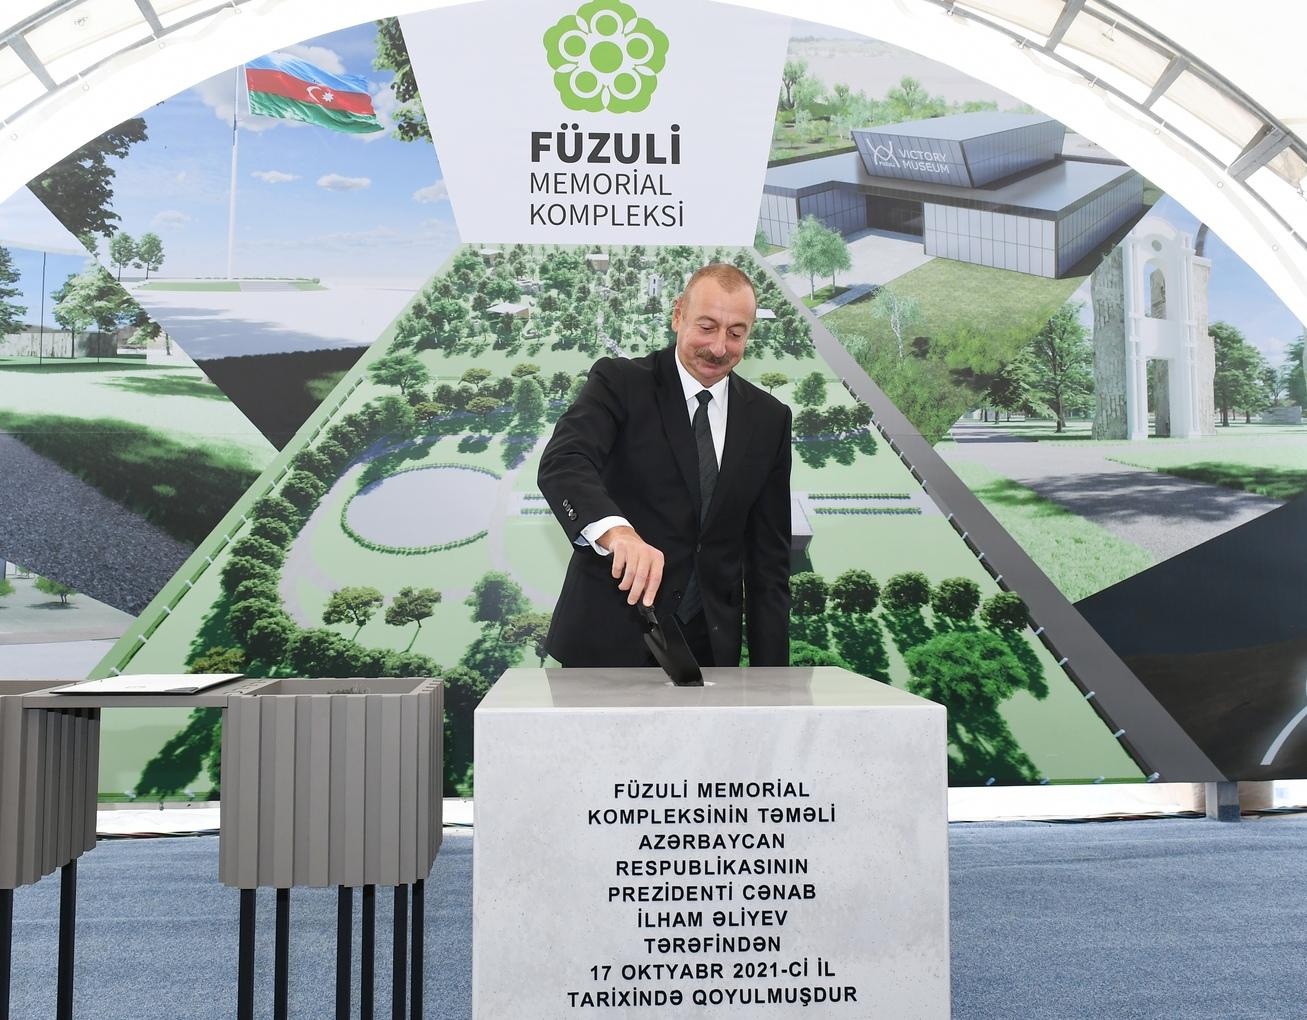 Prezident İlham Əliyev 2021-ci il 17 oktyabr tarixində Füzuli rayon ictimaiyyətinin nümayəndələri ilə görüşüb